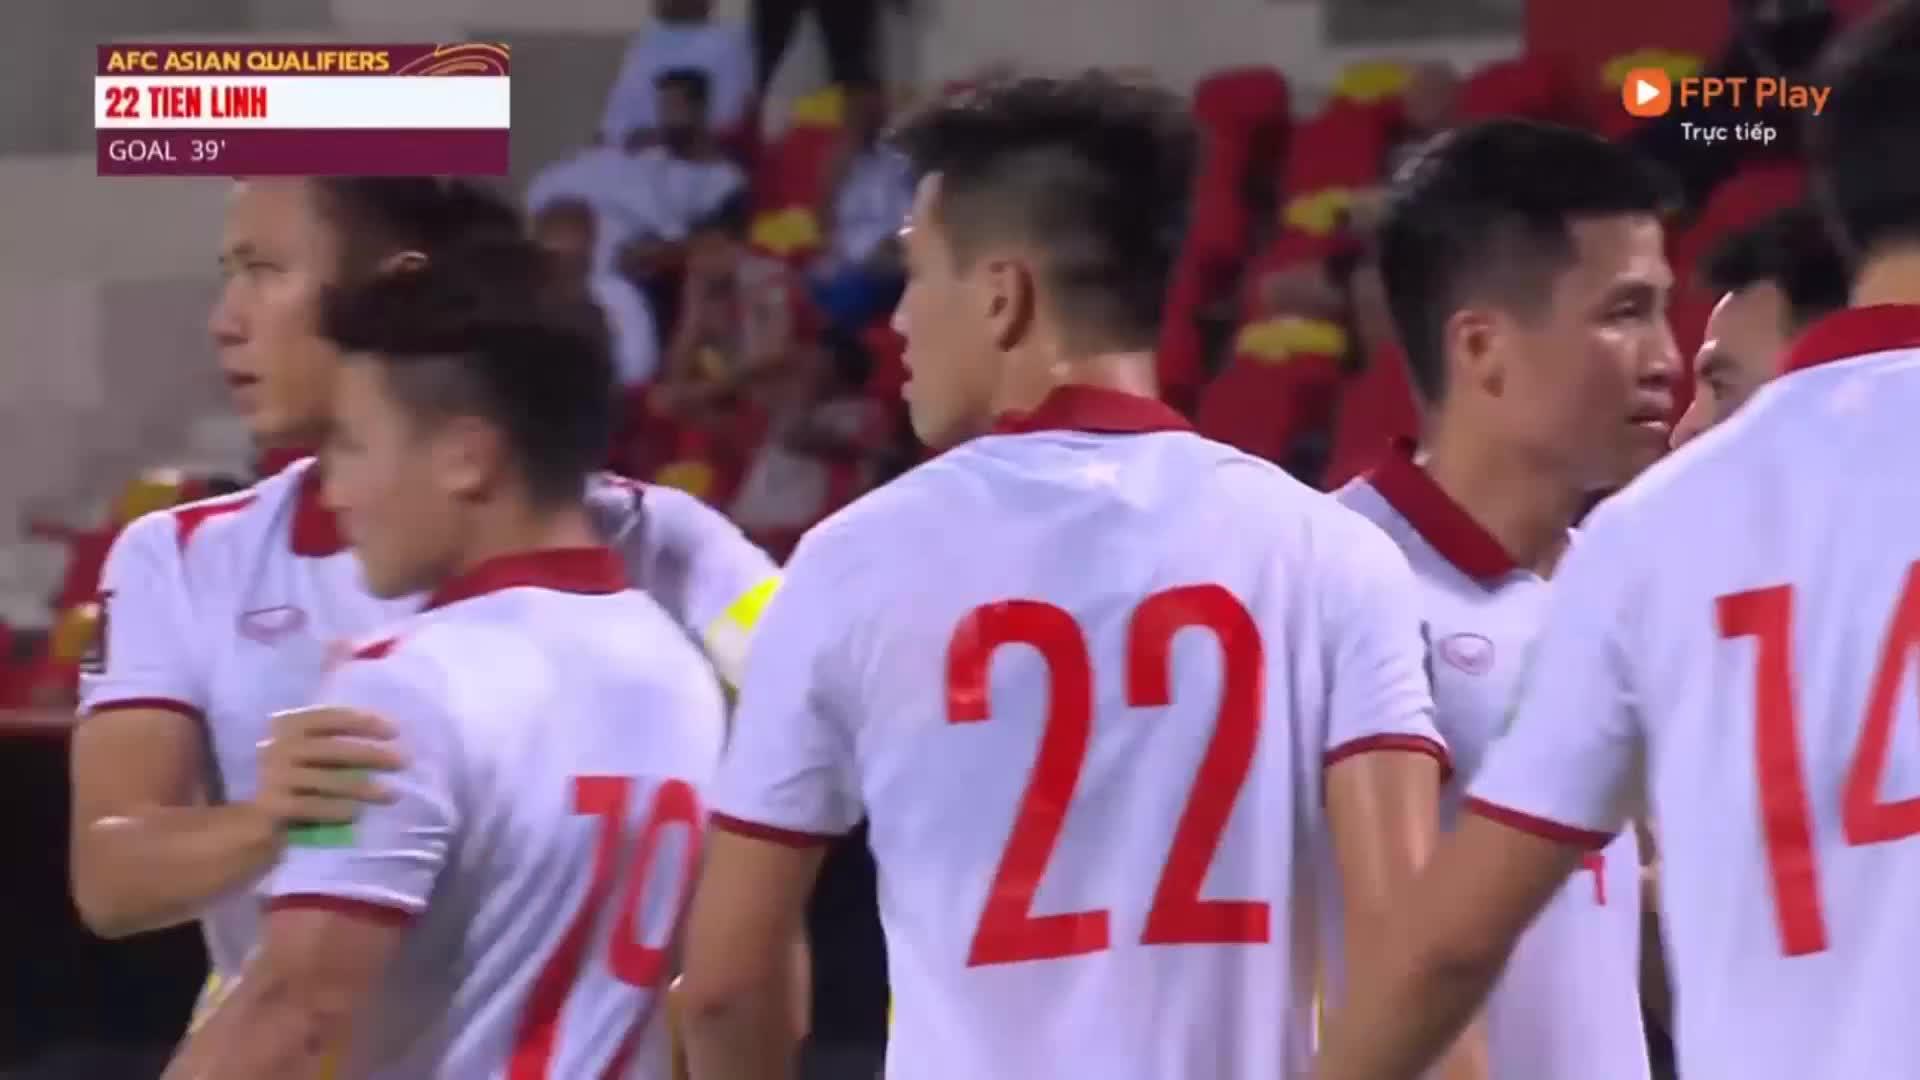 Tiến Linh ghi bàn mở tỉ số trước ĐT Oman